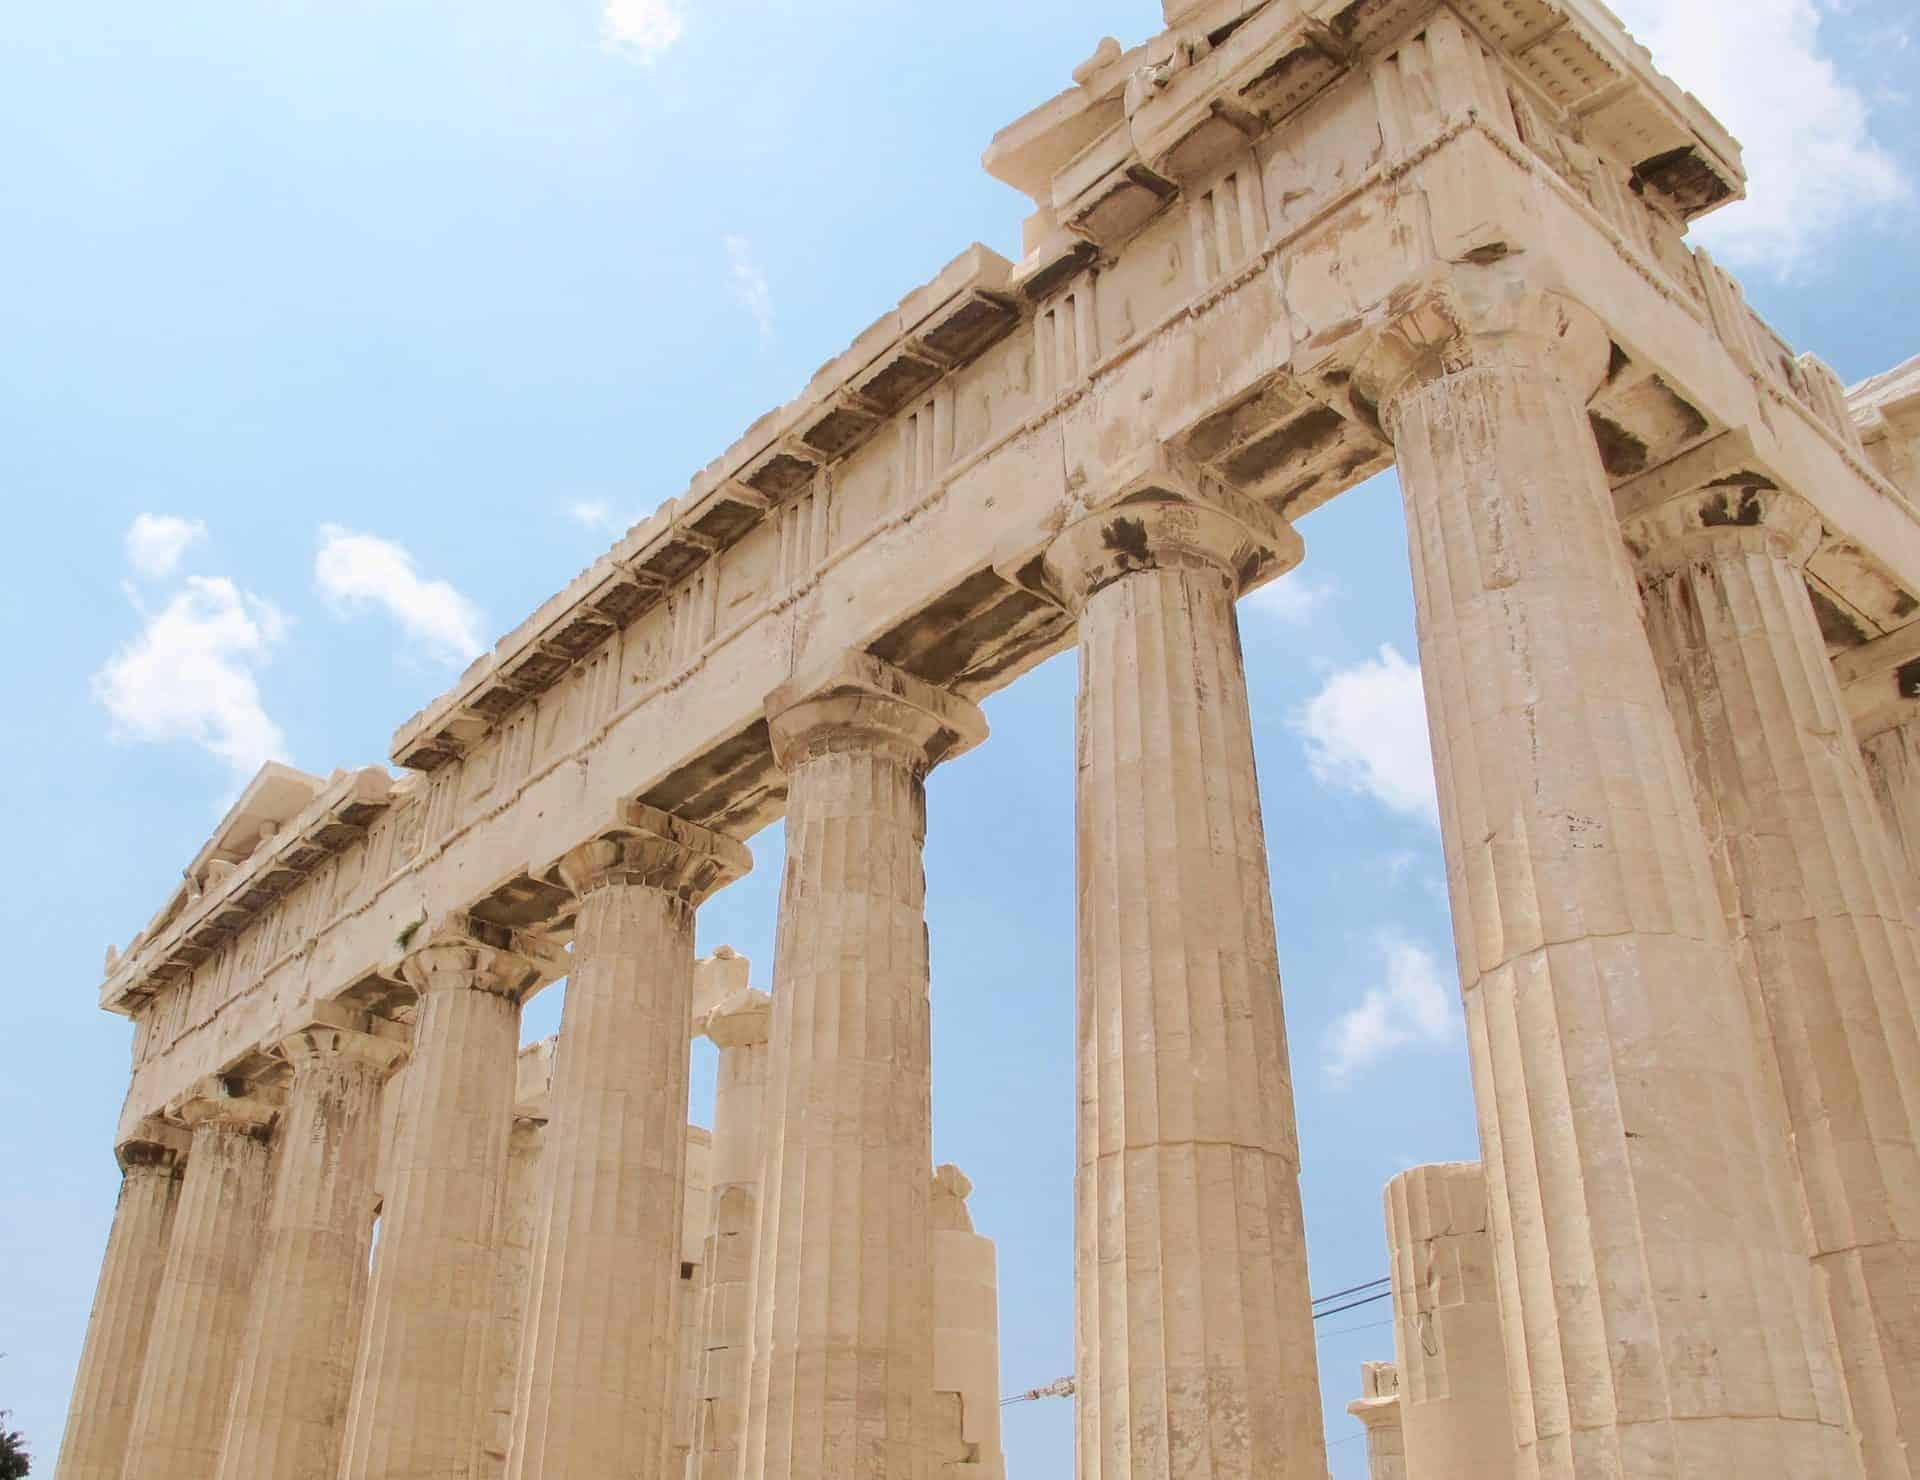 athens_acropolis13-The-Parthenon-East-End-37.97155, 23.72724